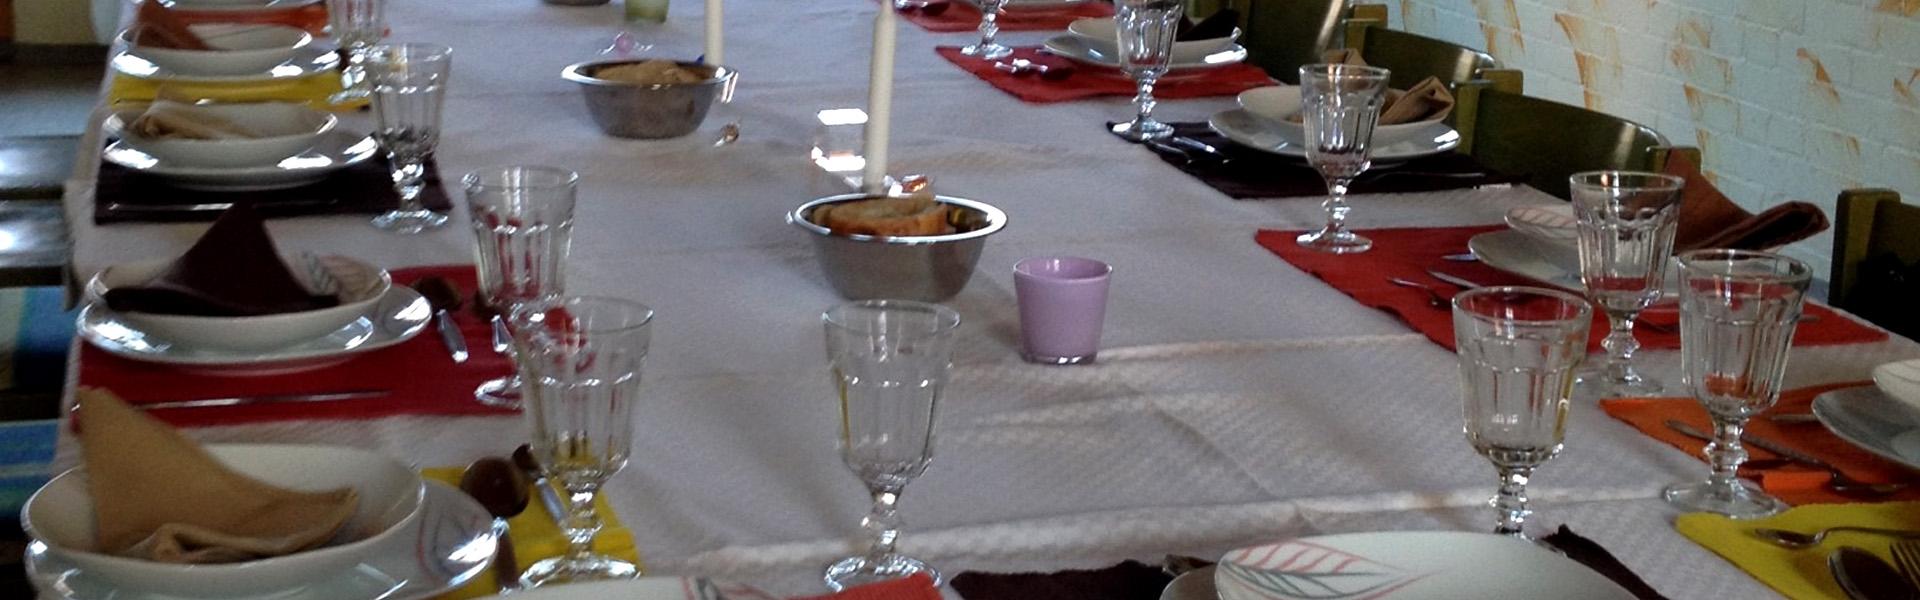 Essen in Gemeinschaft